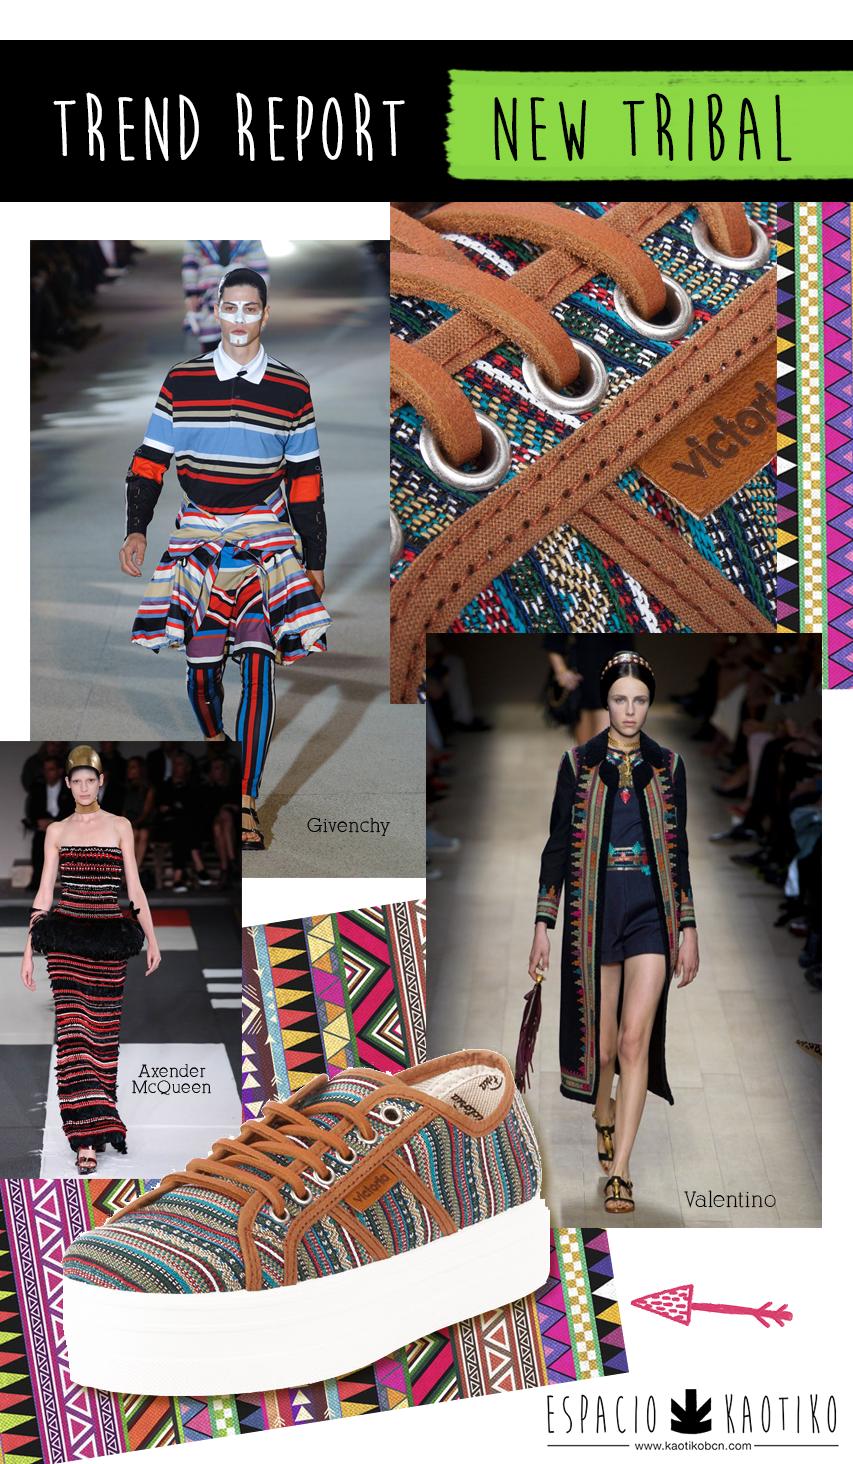 Kaotiko StreetStyle Trend Report · Tribal Print fashion